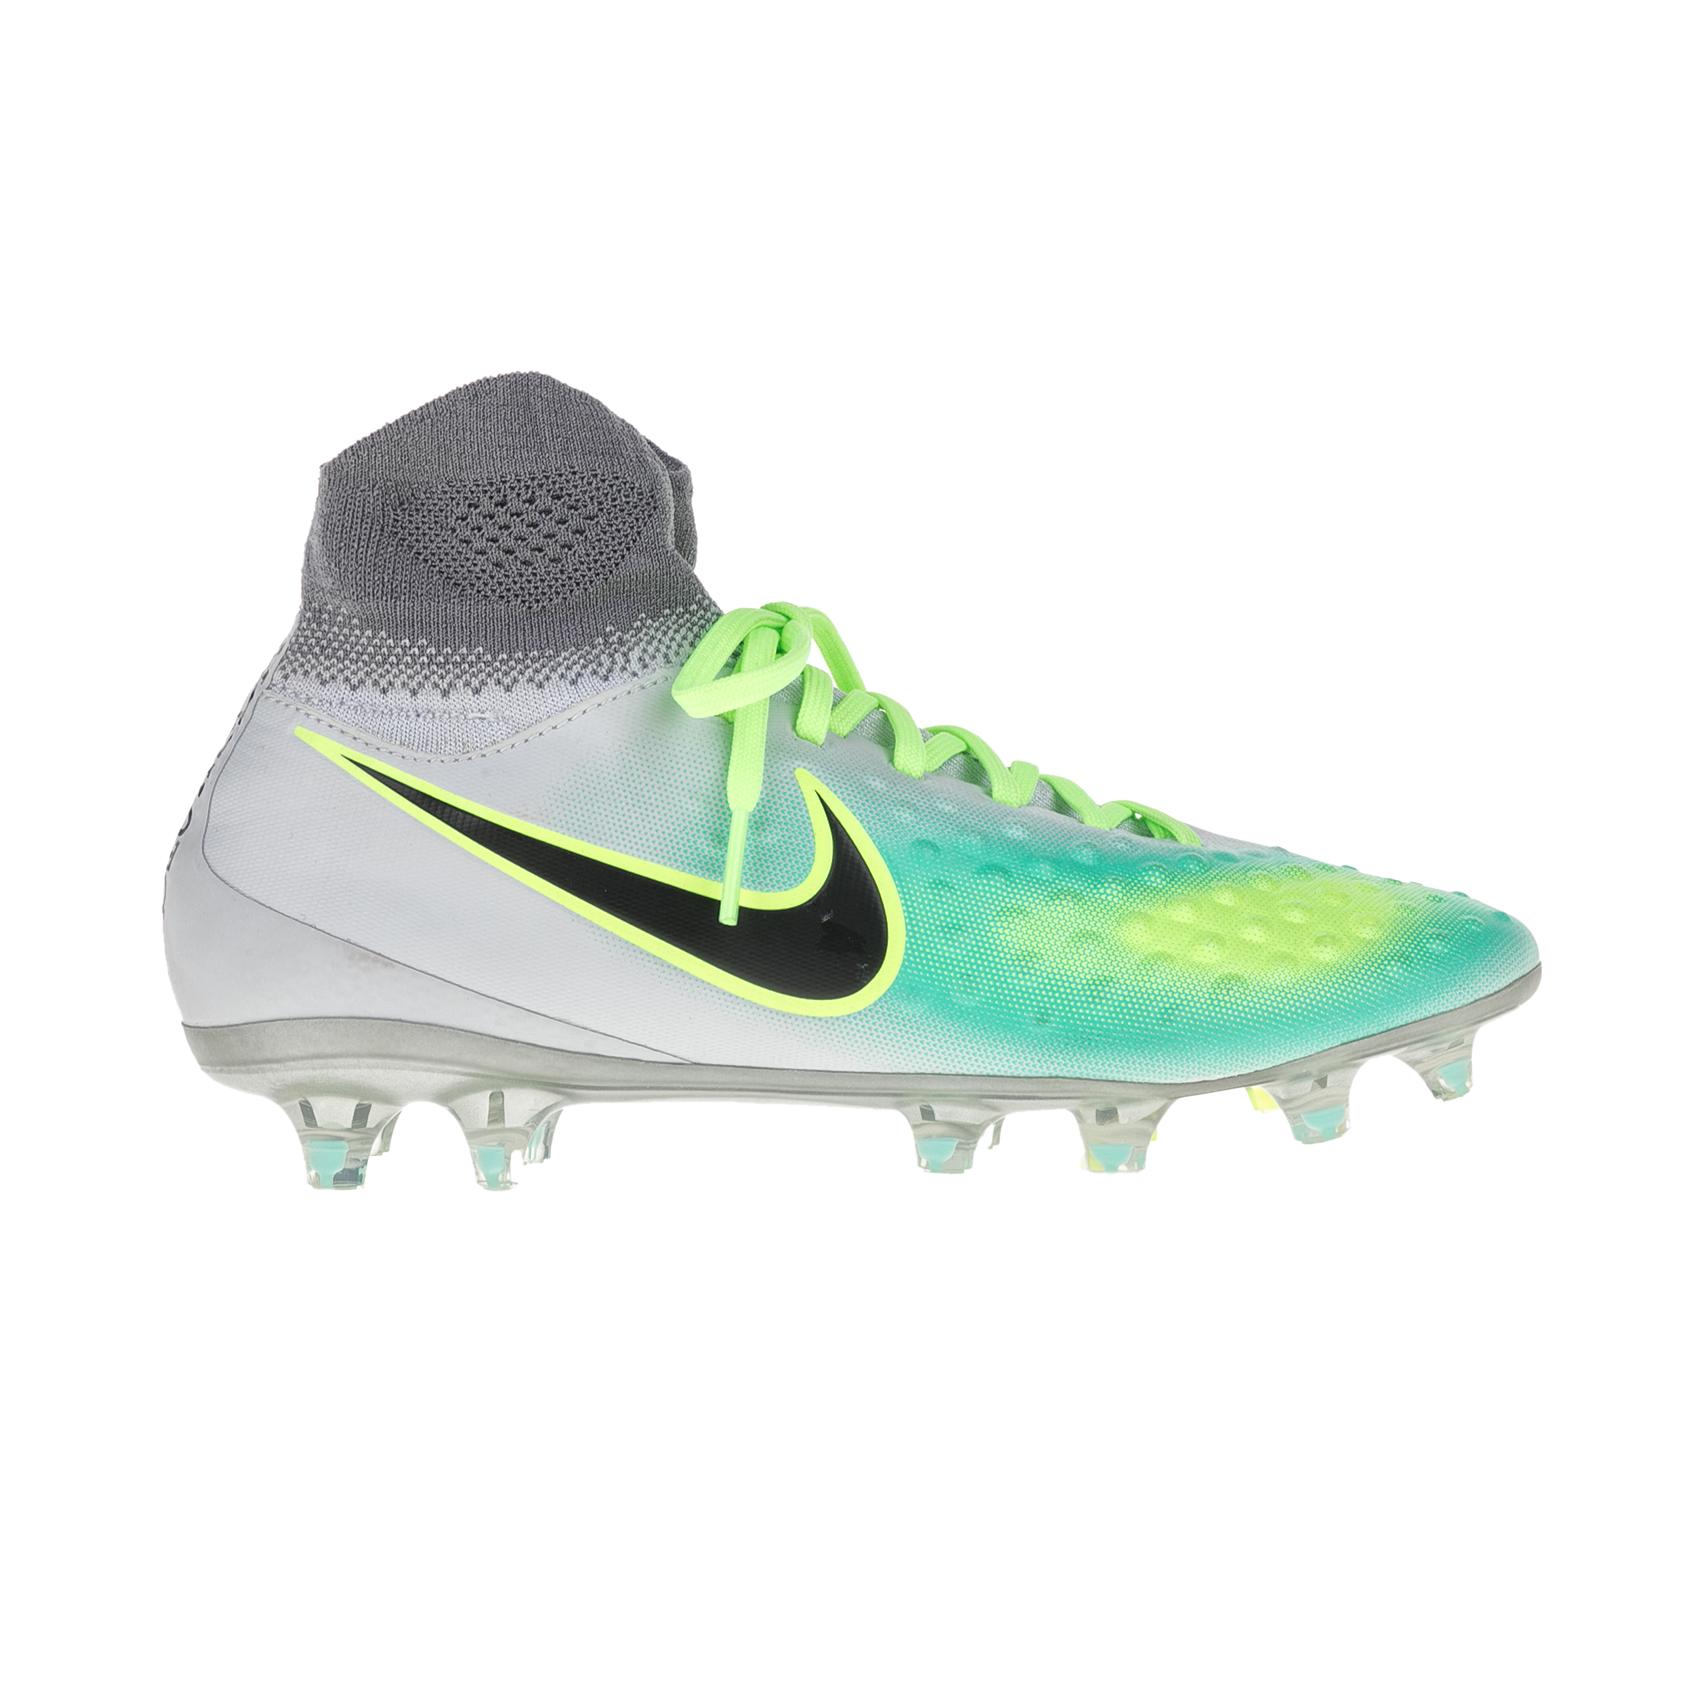 NIKE – Unisex παιδικά ποδοσφαιρικά παπούτσια Nike JR MAGISTA OBRA II FG γκρι – πράσινα